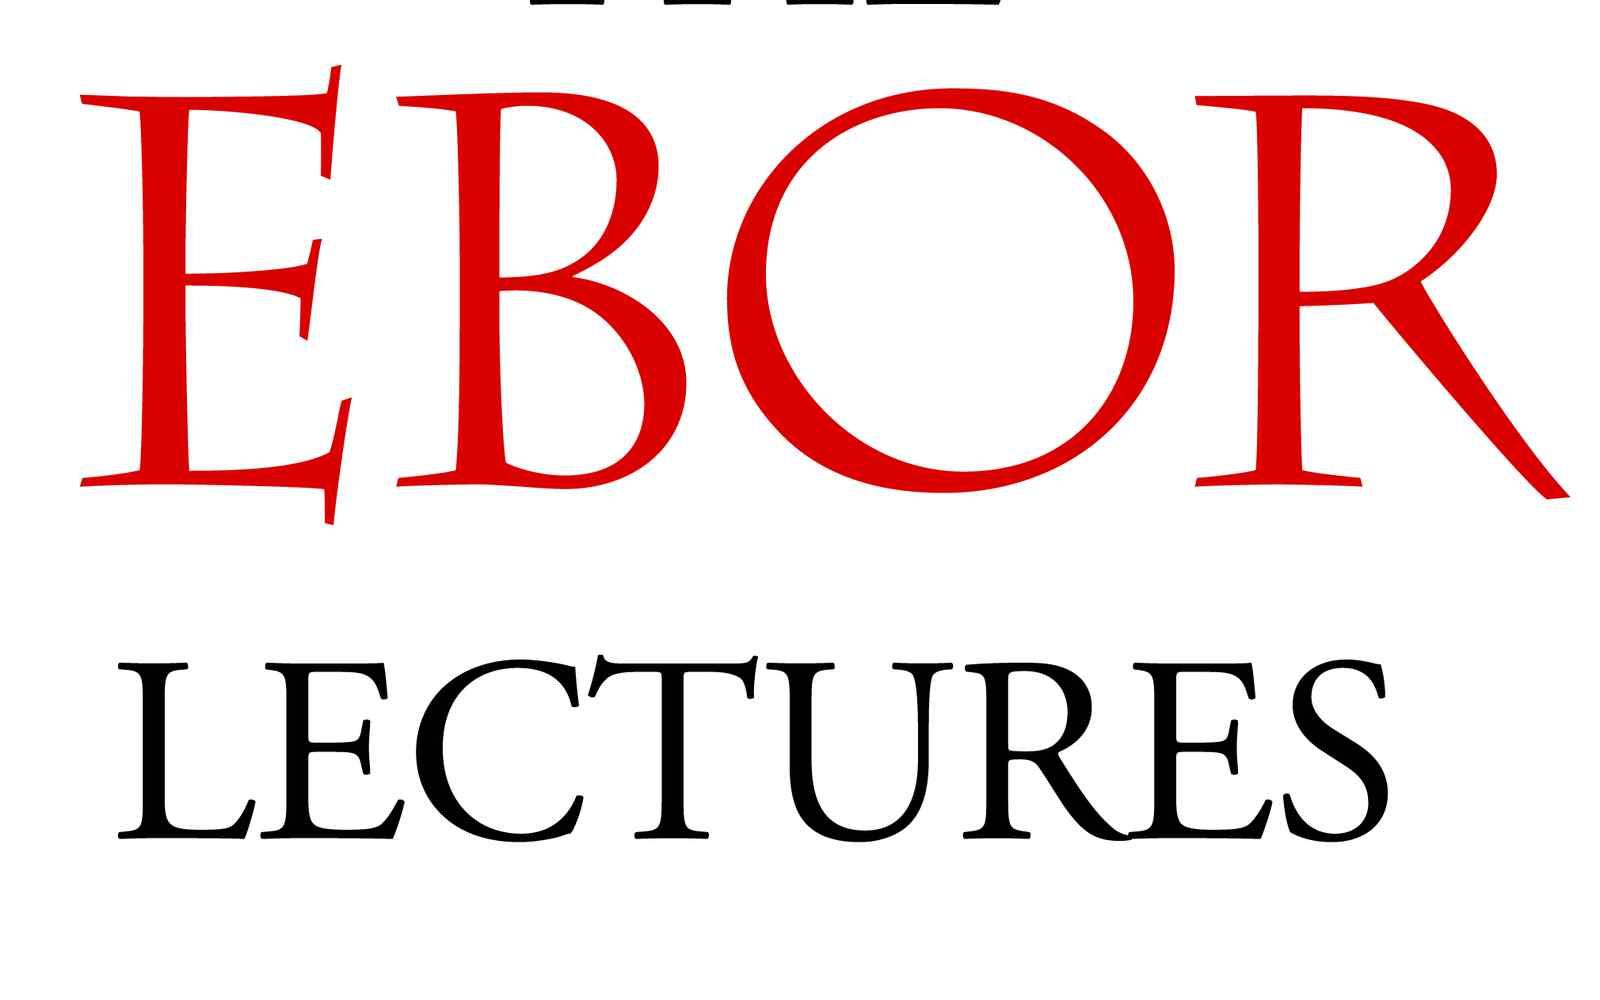 Ebor lectures logo